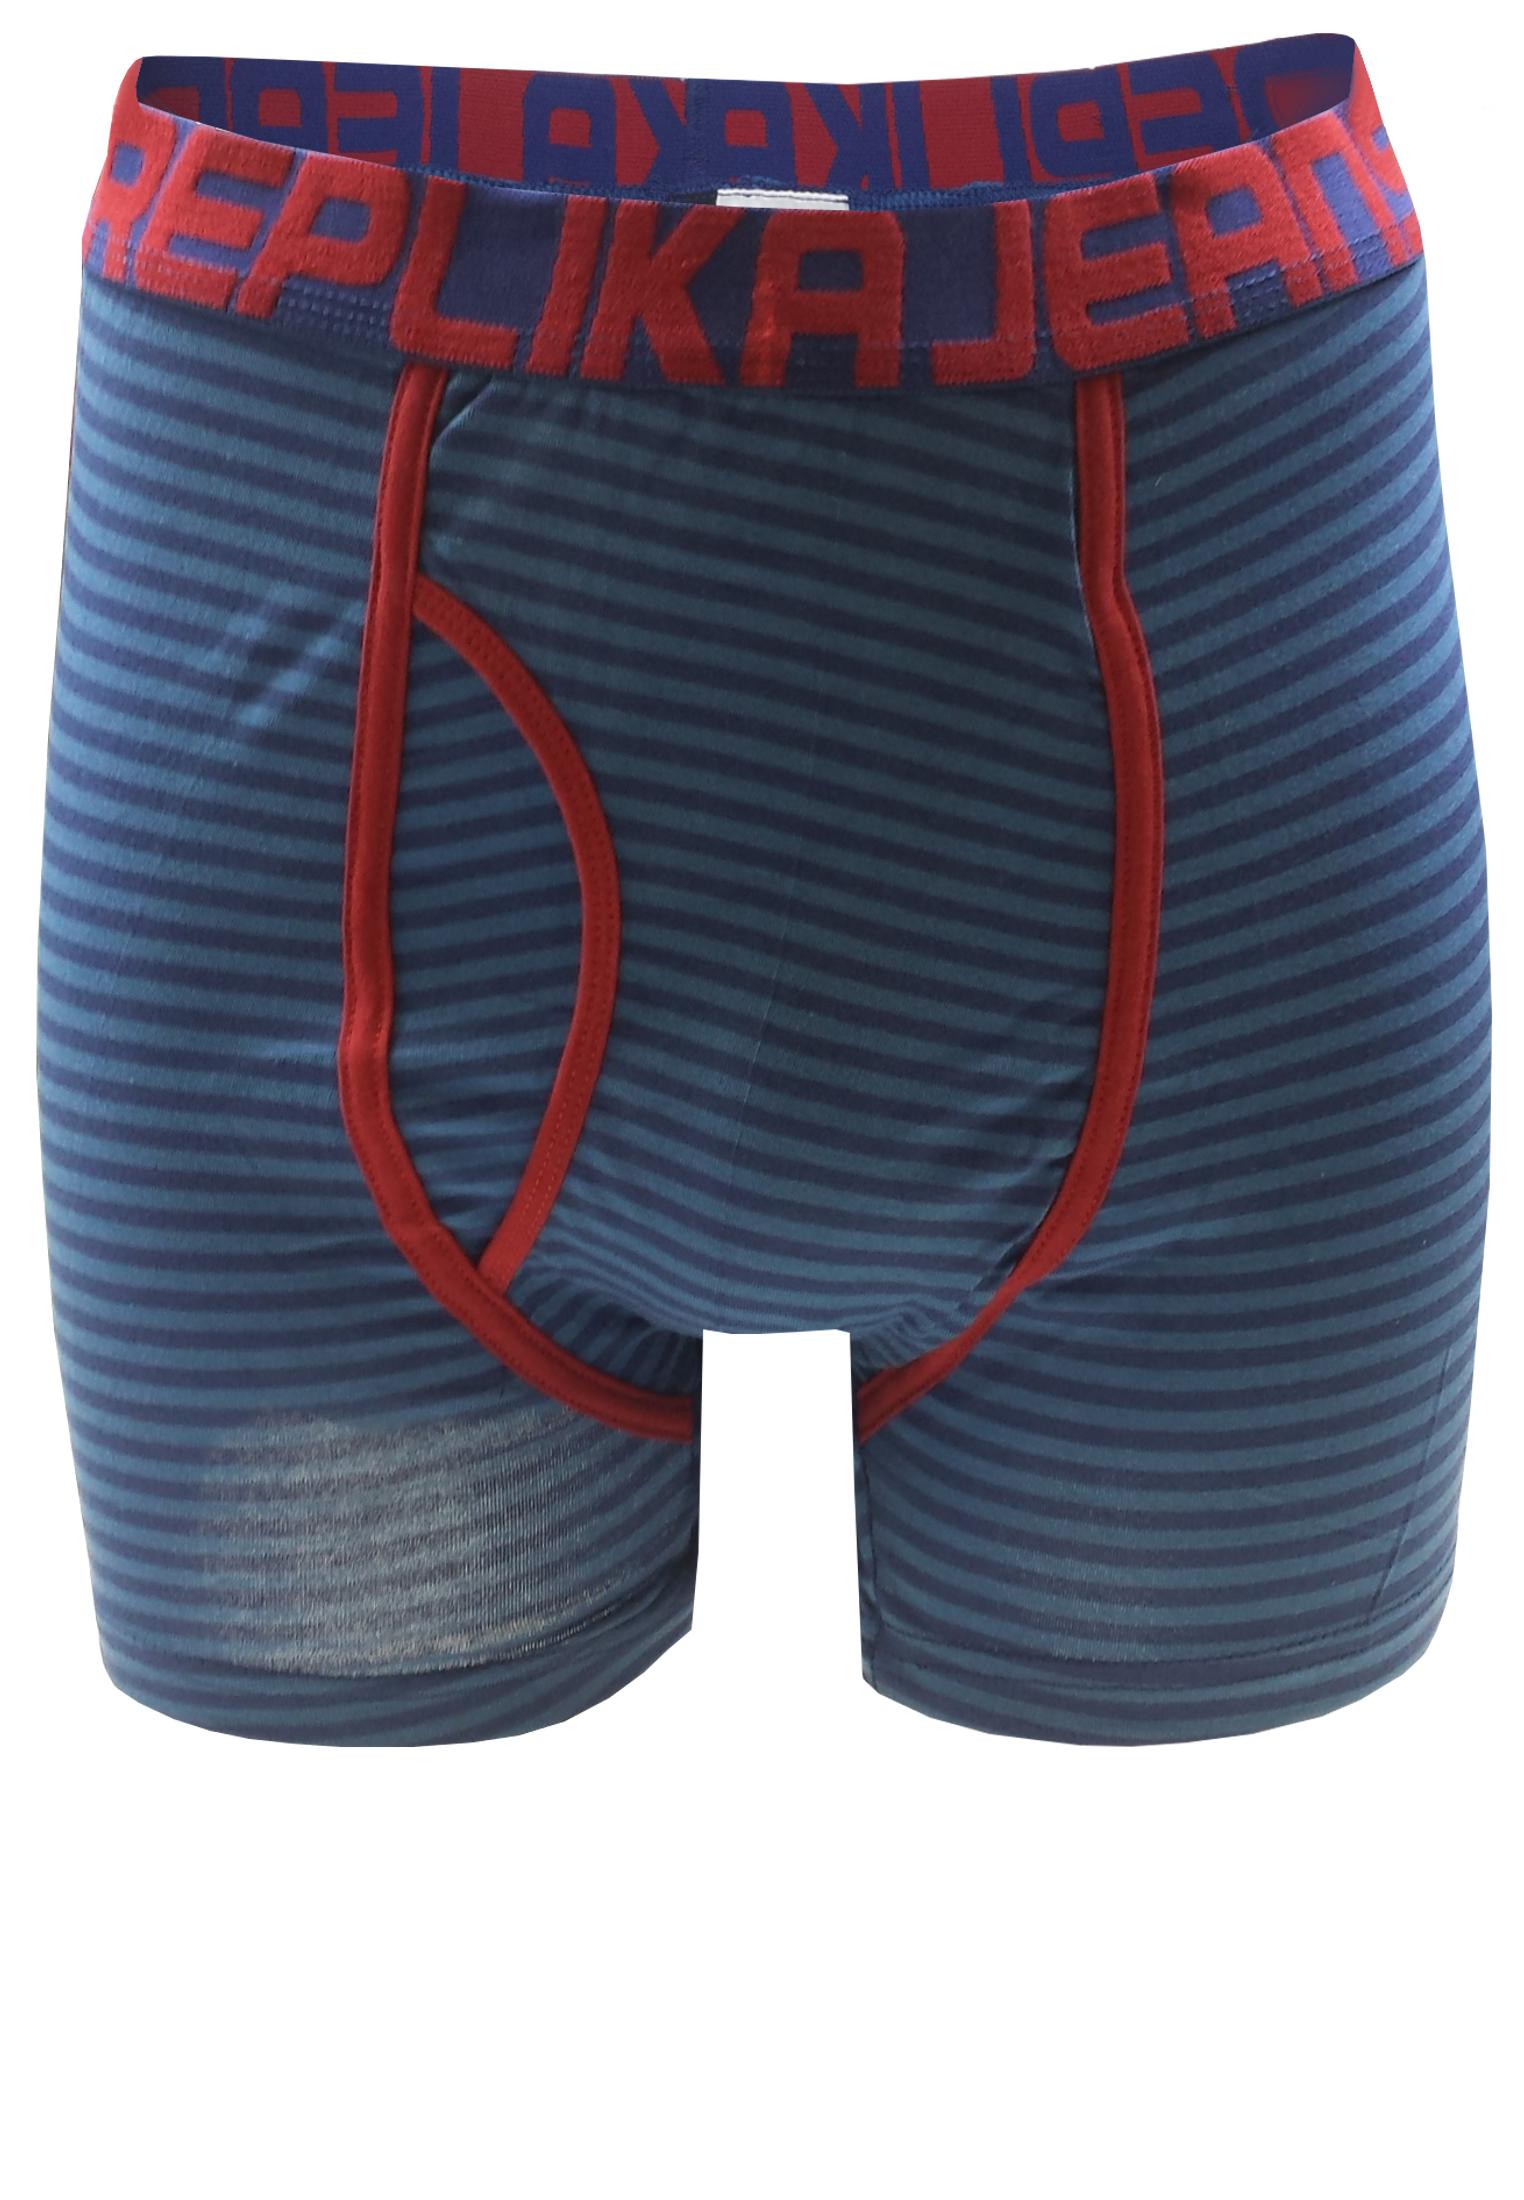 Gestreepte Replika boxershort met een contrasterende stof langs het verstevigde kruis met gulp, een embleem aan de zoom van de rechter pijp en een brede elastische tailleband met merklogo voor een optimale pasvorm.